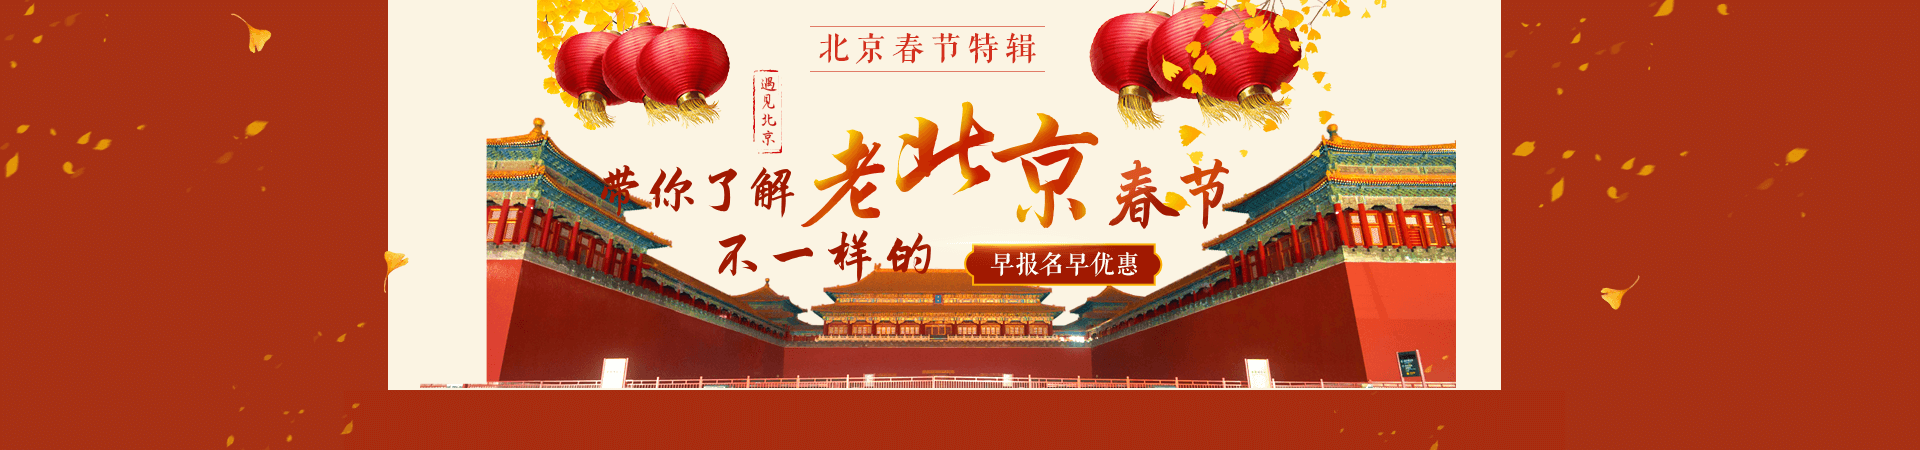 北京春节特辑